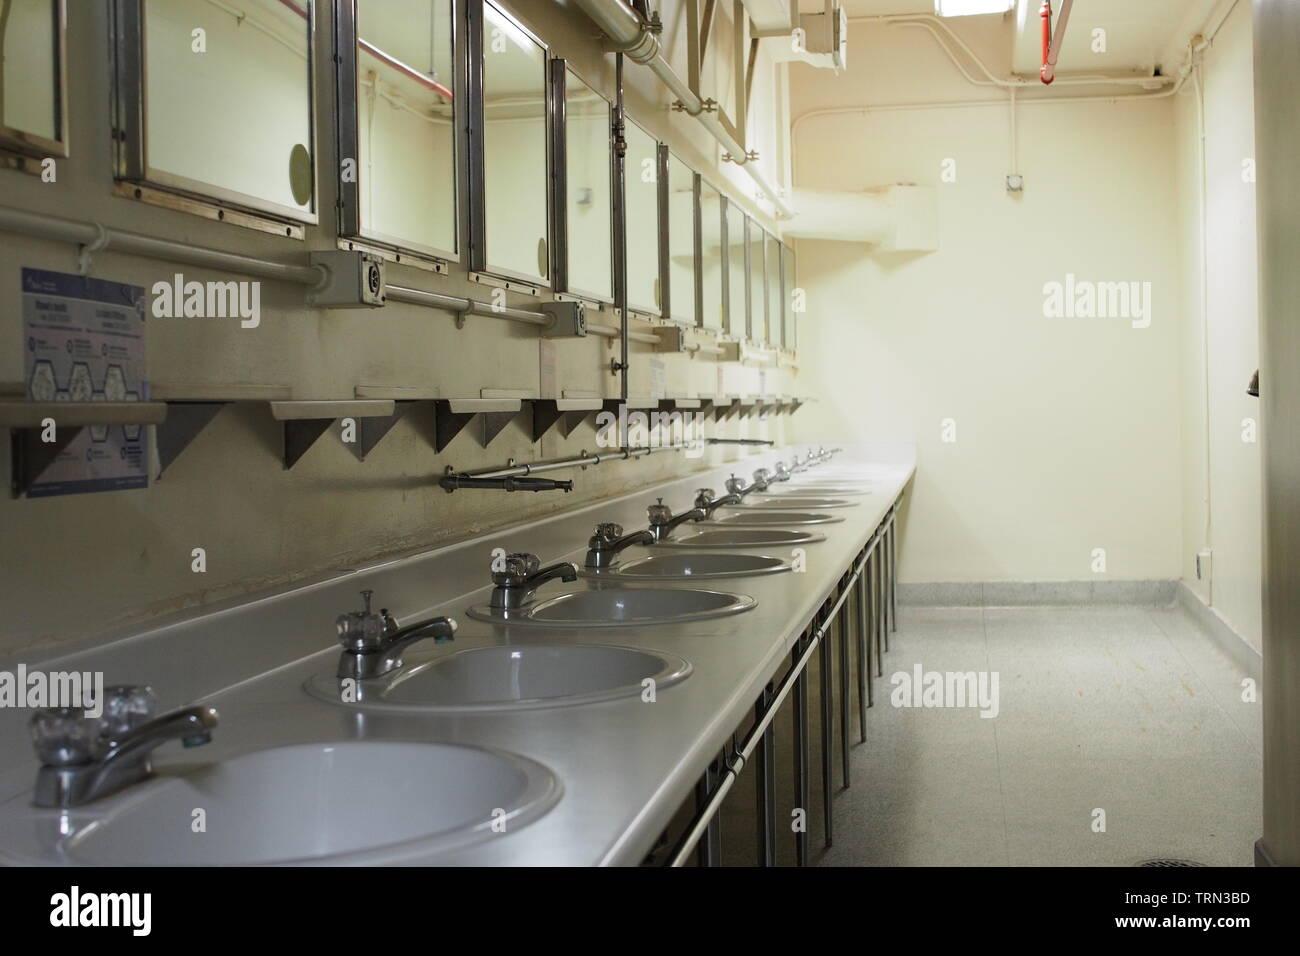 Señoras baños en el Diefenbunker, Canadá es el Museo de la guerra fría, ubicada en las afueras de la carpa en Ottawa, Ontario, Canadá. Imagen De Stock